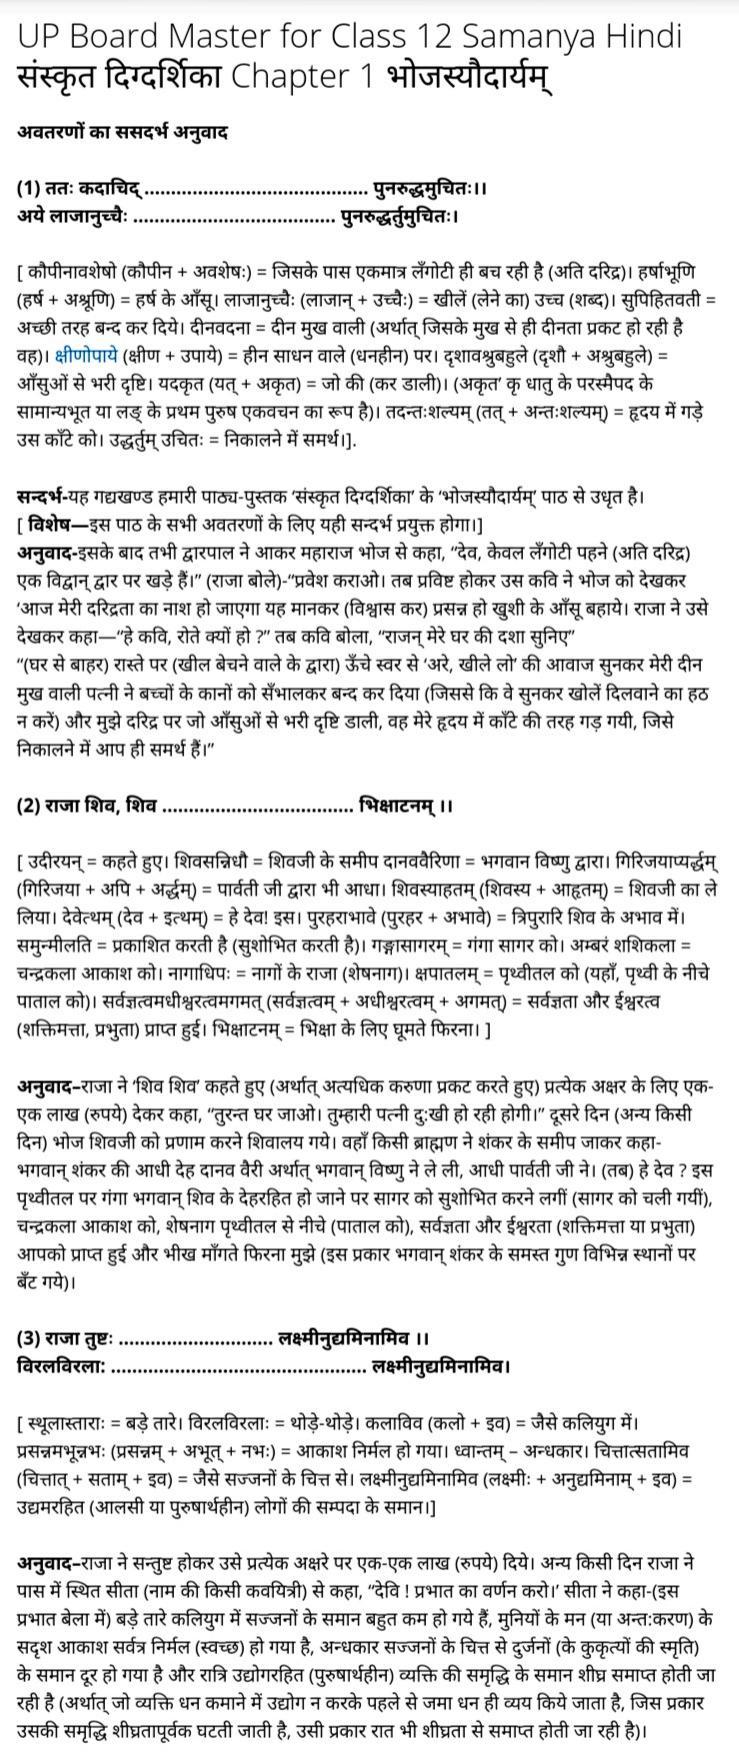 UP Board Solutions for Class 12 Samanya Hindi संस्कृत दिग्दर्शिका Chapter 1 भोजस्यौदार्यम्